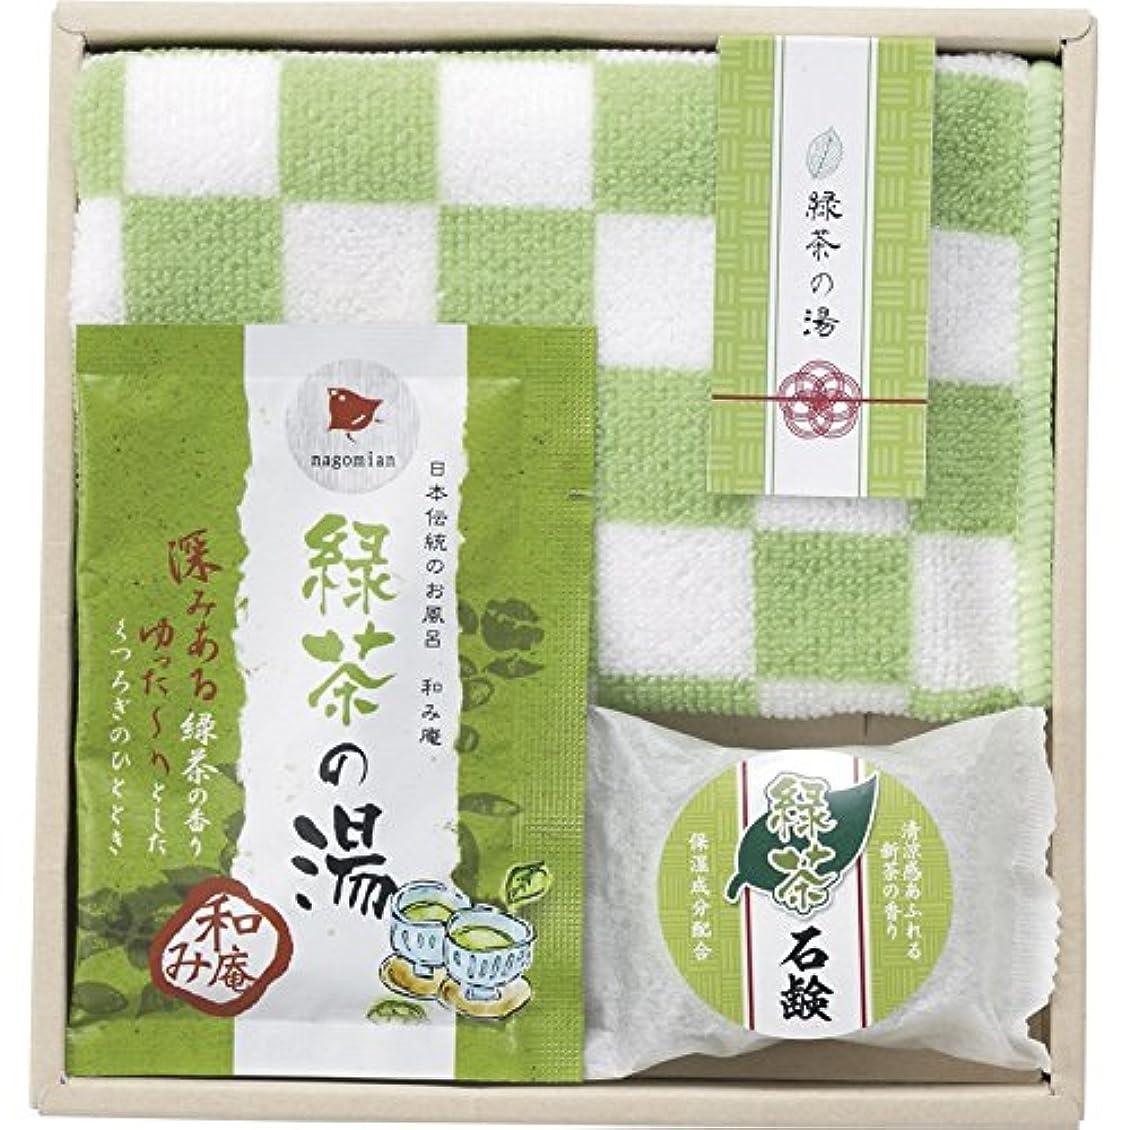 フライト感謝する形状緑茶の湯入浴セット53 334-53 【洗面所 入浴剤 さくら タオル 石鹸 リラックス おふろ バスグッズ】